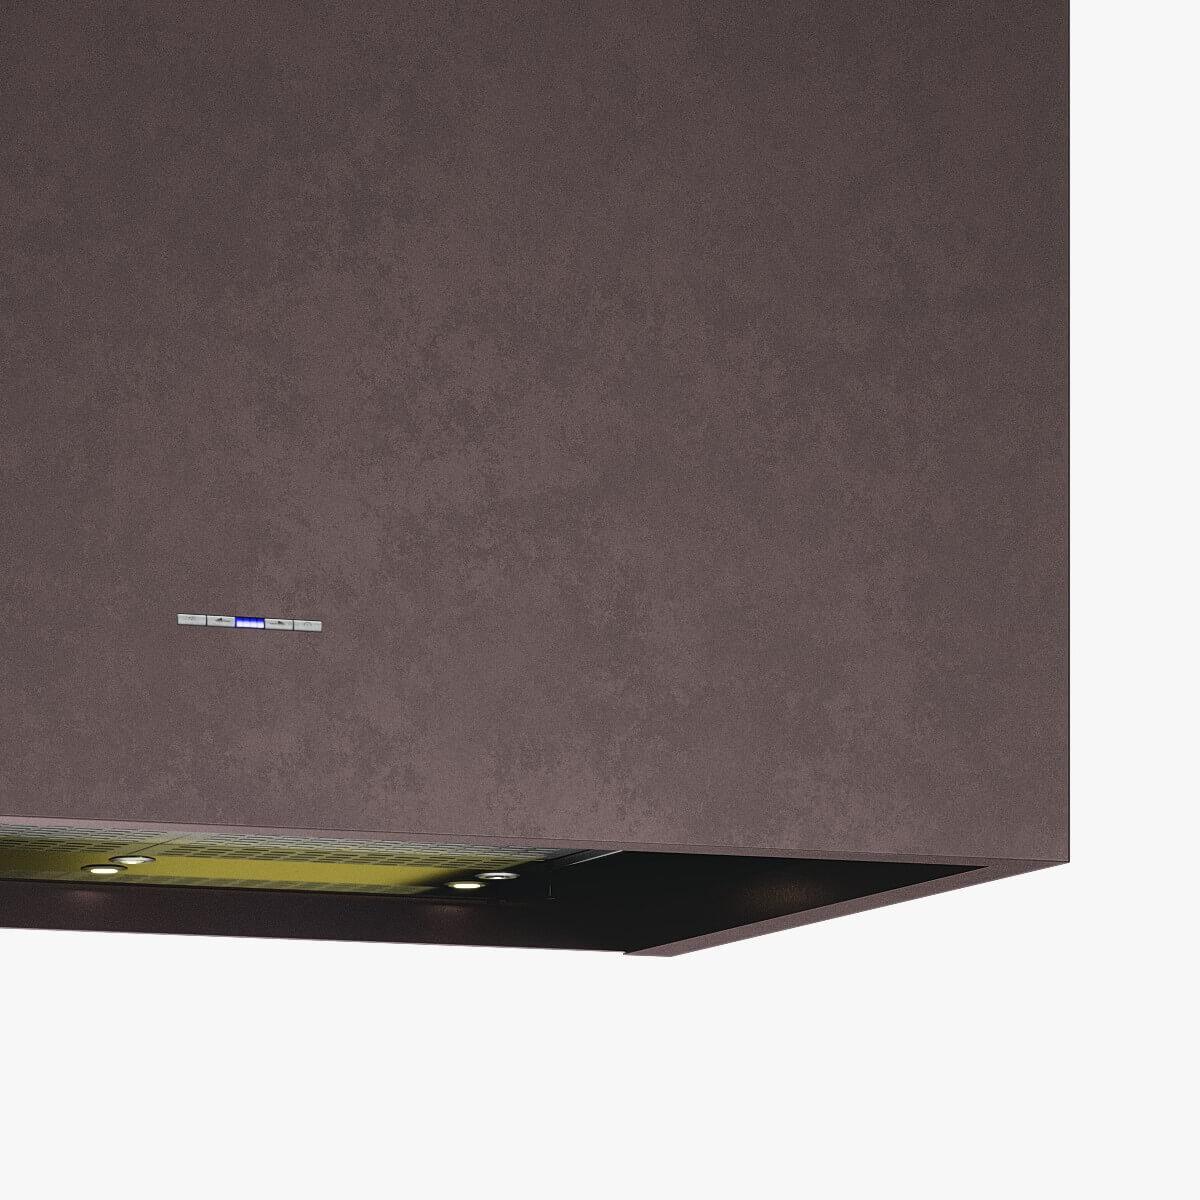 Detaljer på vägghängda köksfläkten Box i rödoxiderad metall.